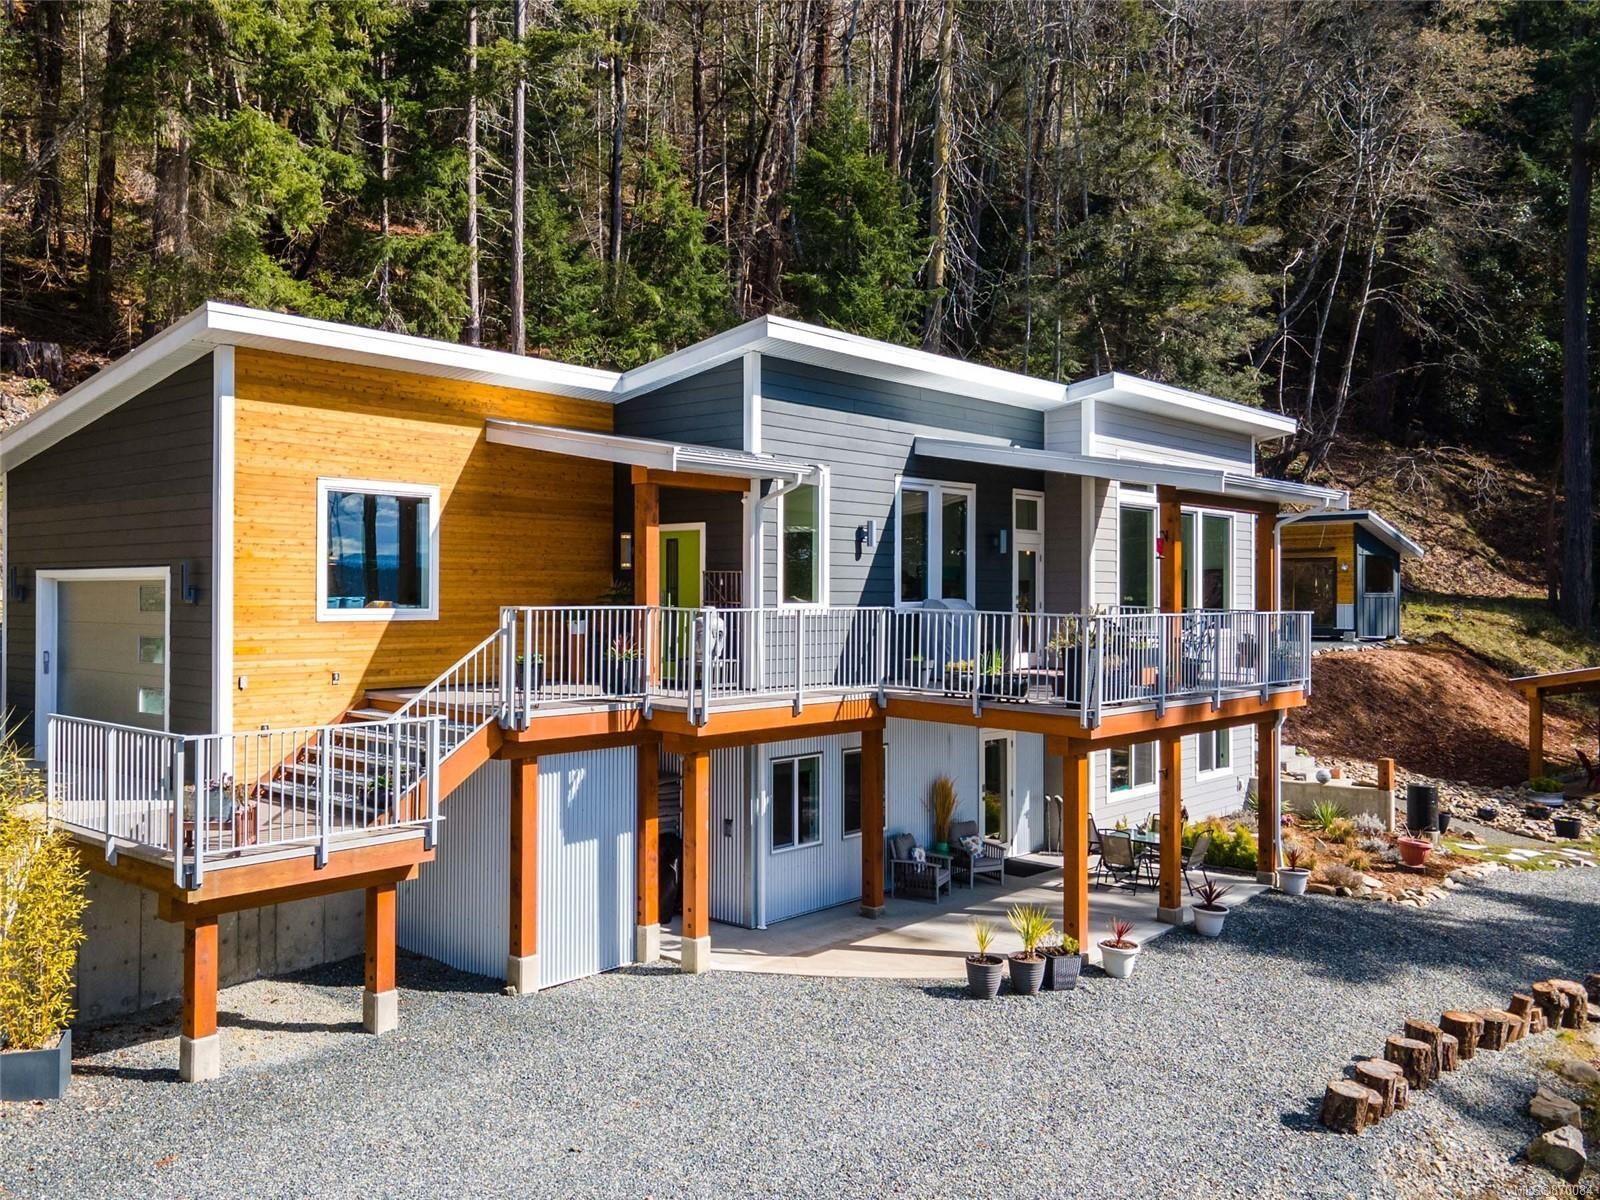 Main Photo: 975 Khenipsen Rd in Duncan: Du Cowichan Bay House for sale : MLS®# 870084